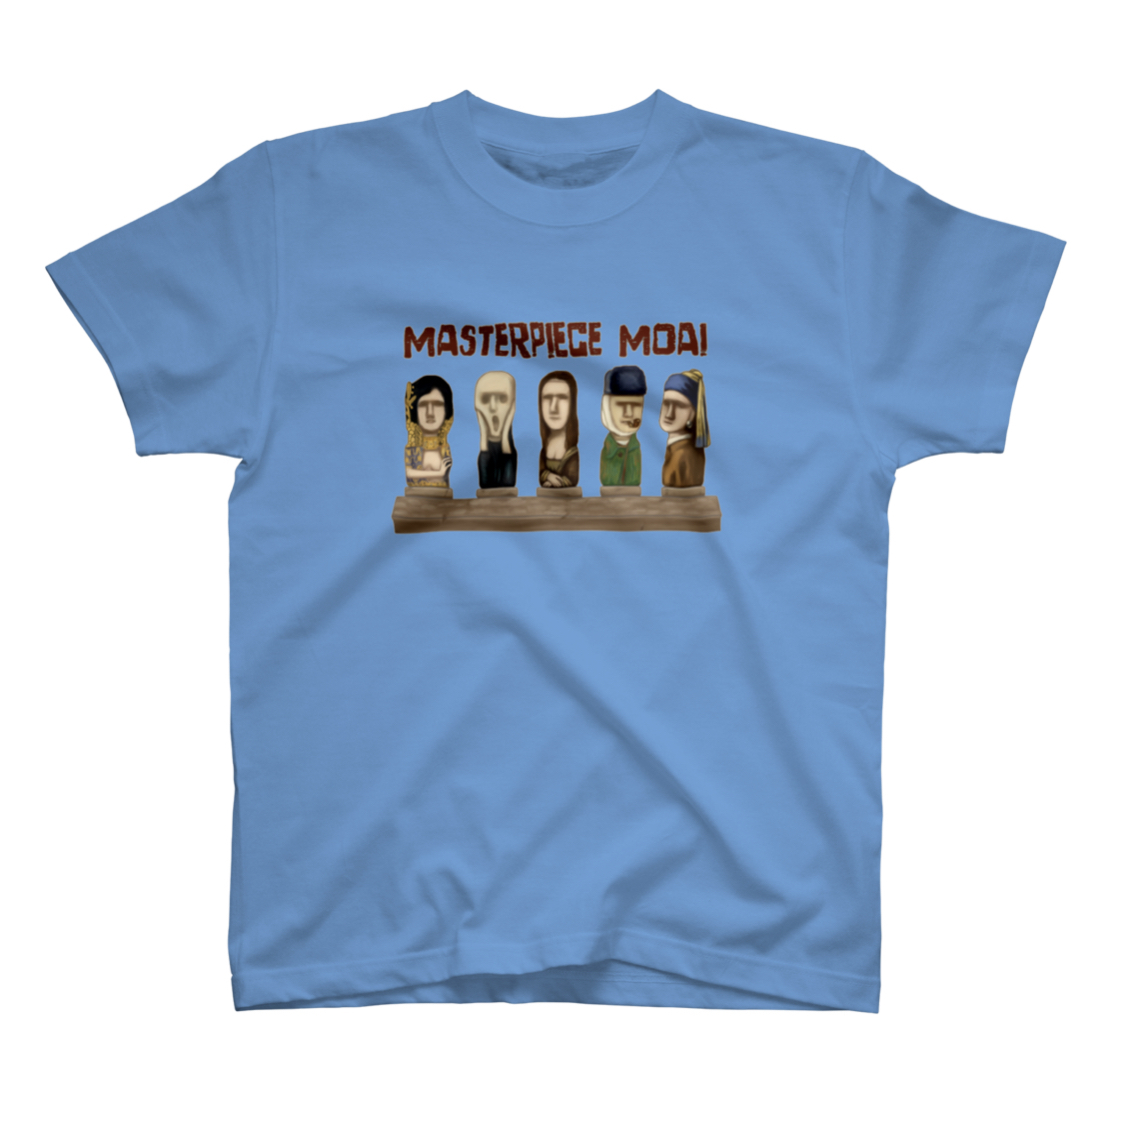 世界遺産・ 観光名所 がモチーフのTシャツ